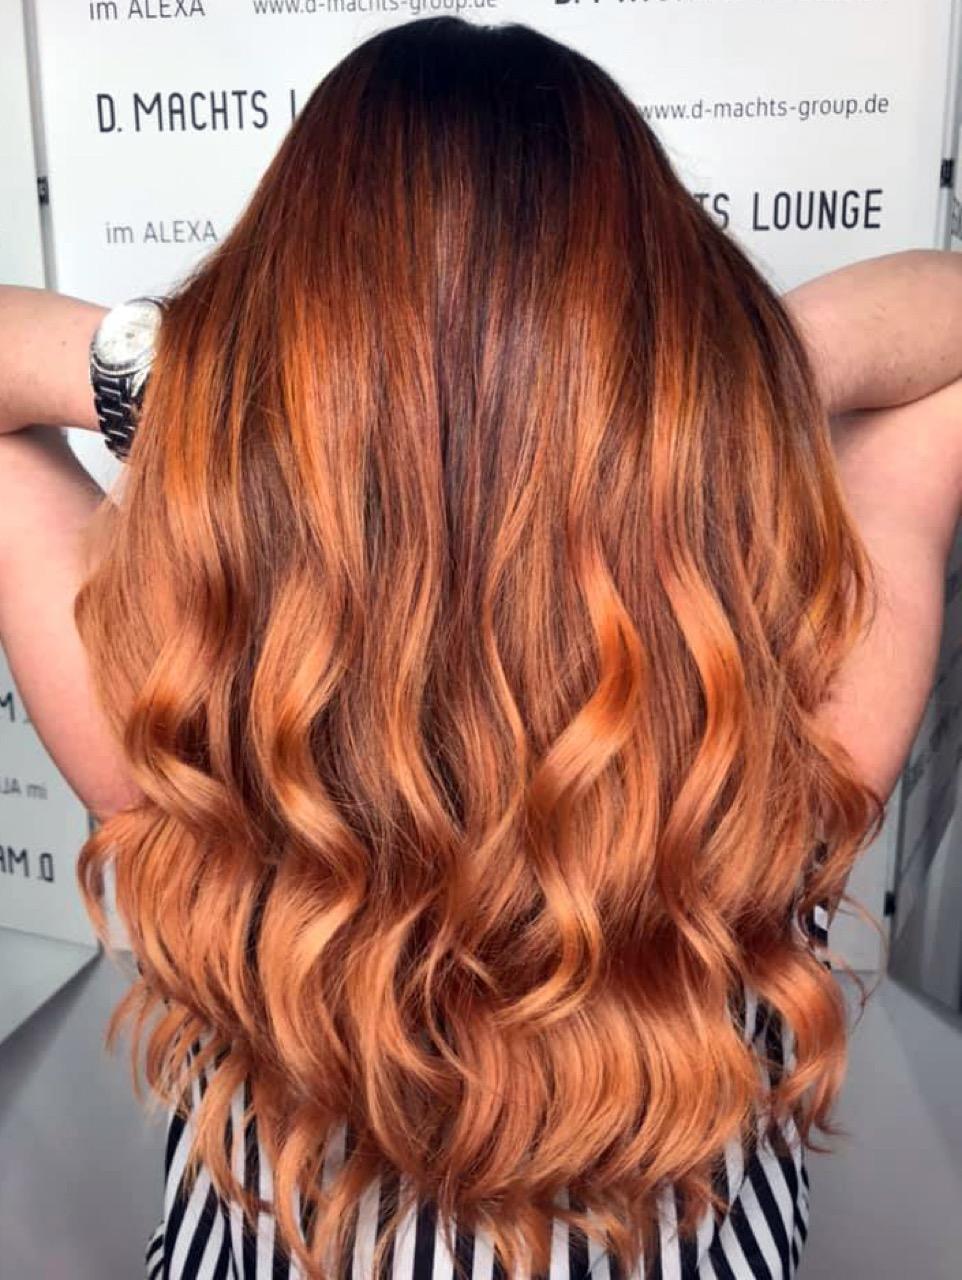 Haarfarbe Kupfer: Kupfer Haare färben - schönste Frisuren